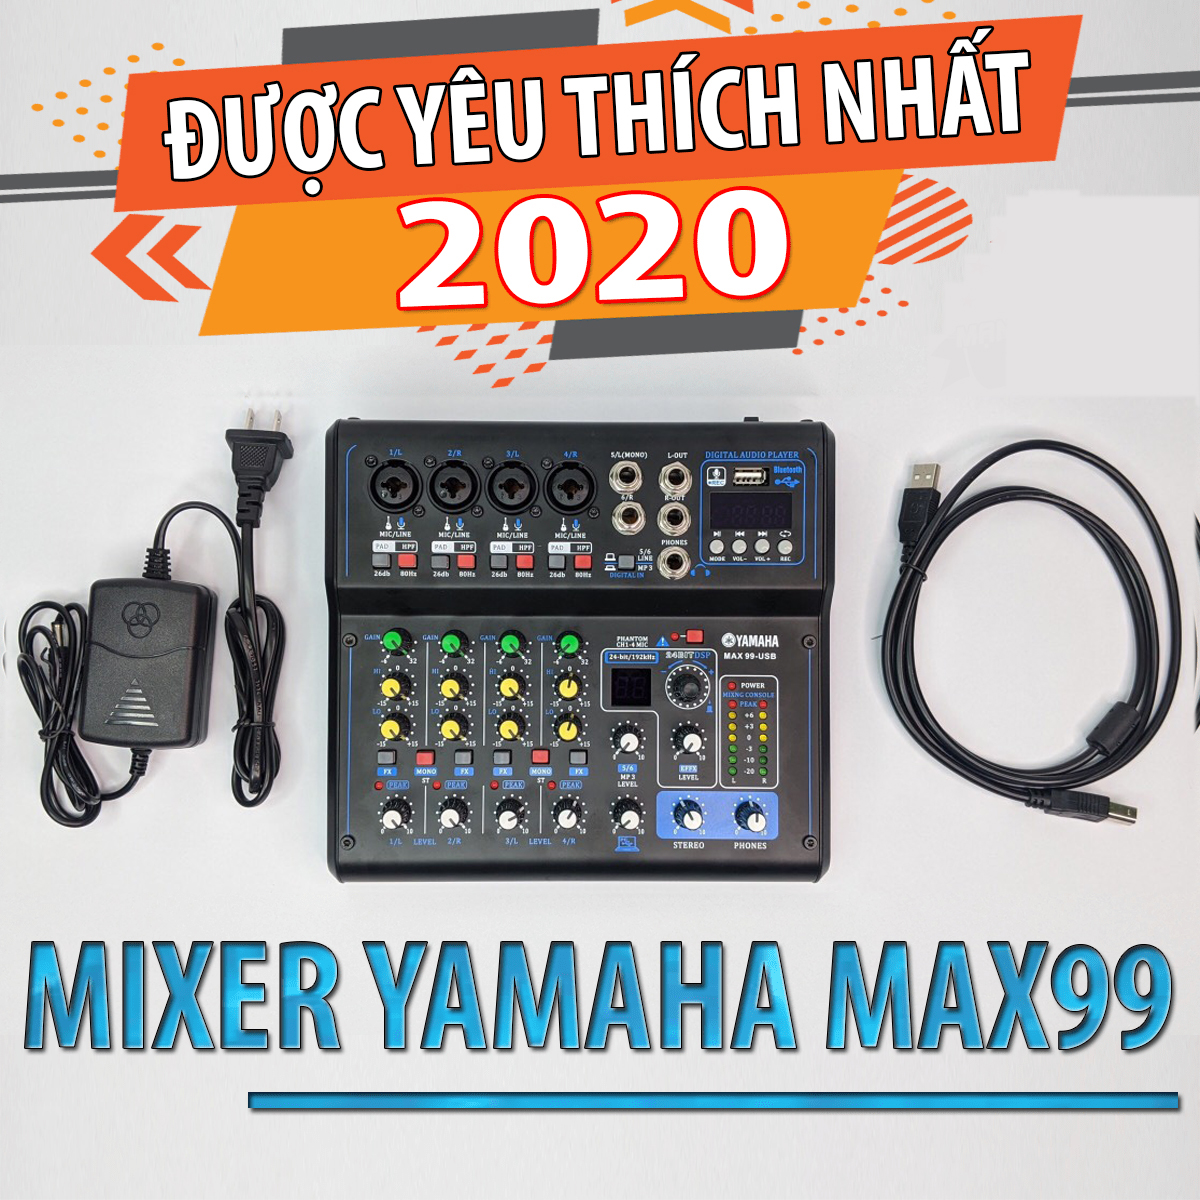 [TOP MIXER TÌM KIẾM NHIỀU NHÂT] Mixer YAMAHA MAX 99 - Tích Hợp 16 Hiệu Ứng Vang Số, Có Bluetooth, Cổng USB, Màn Hình Led Hiển Thị, Siêu Chống Hú, Livestream Face.book, Bi.go, Kết Nối Với Loa Kéo, Dàn Amply Karaoke Gia Đình, Hát Cực Hay